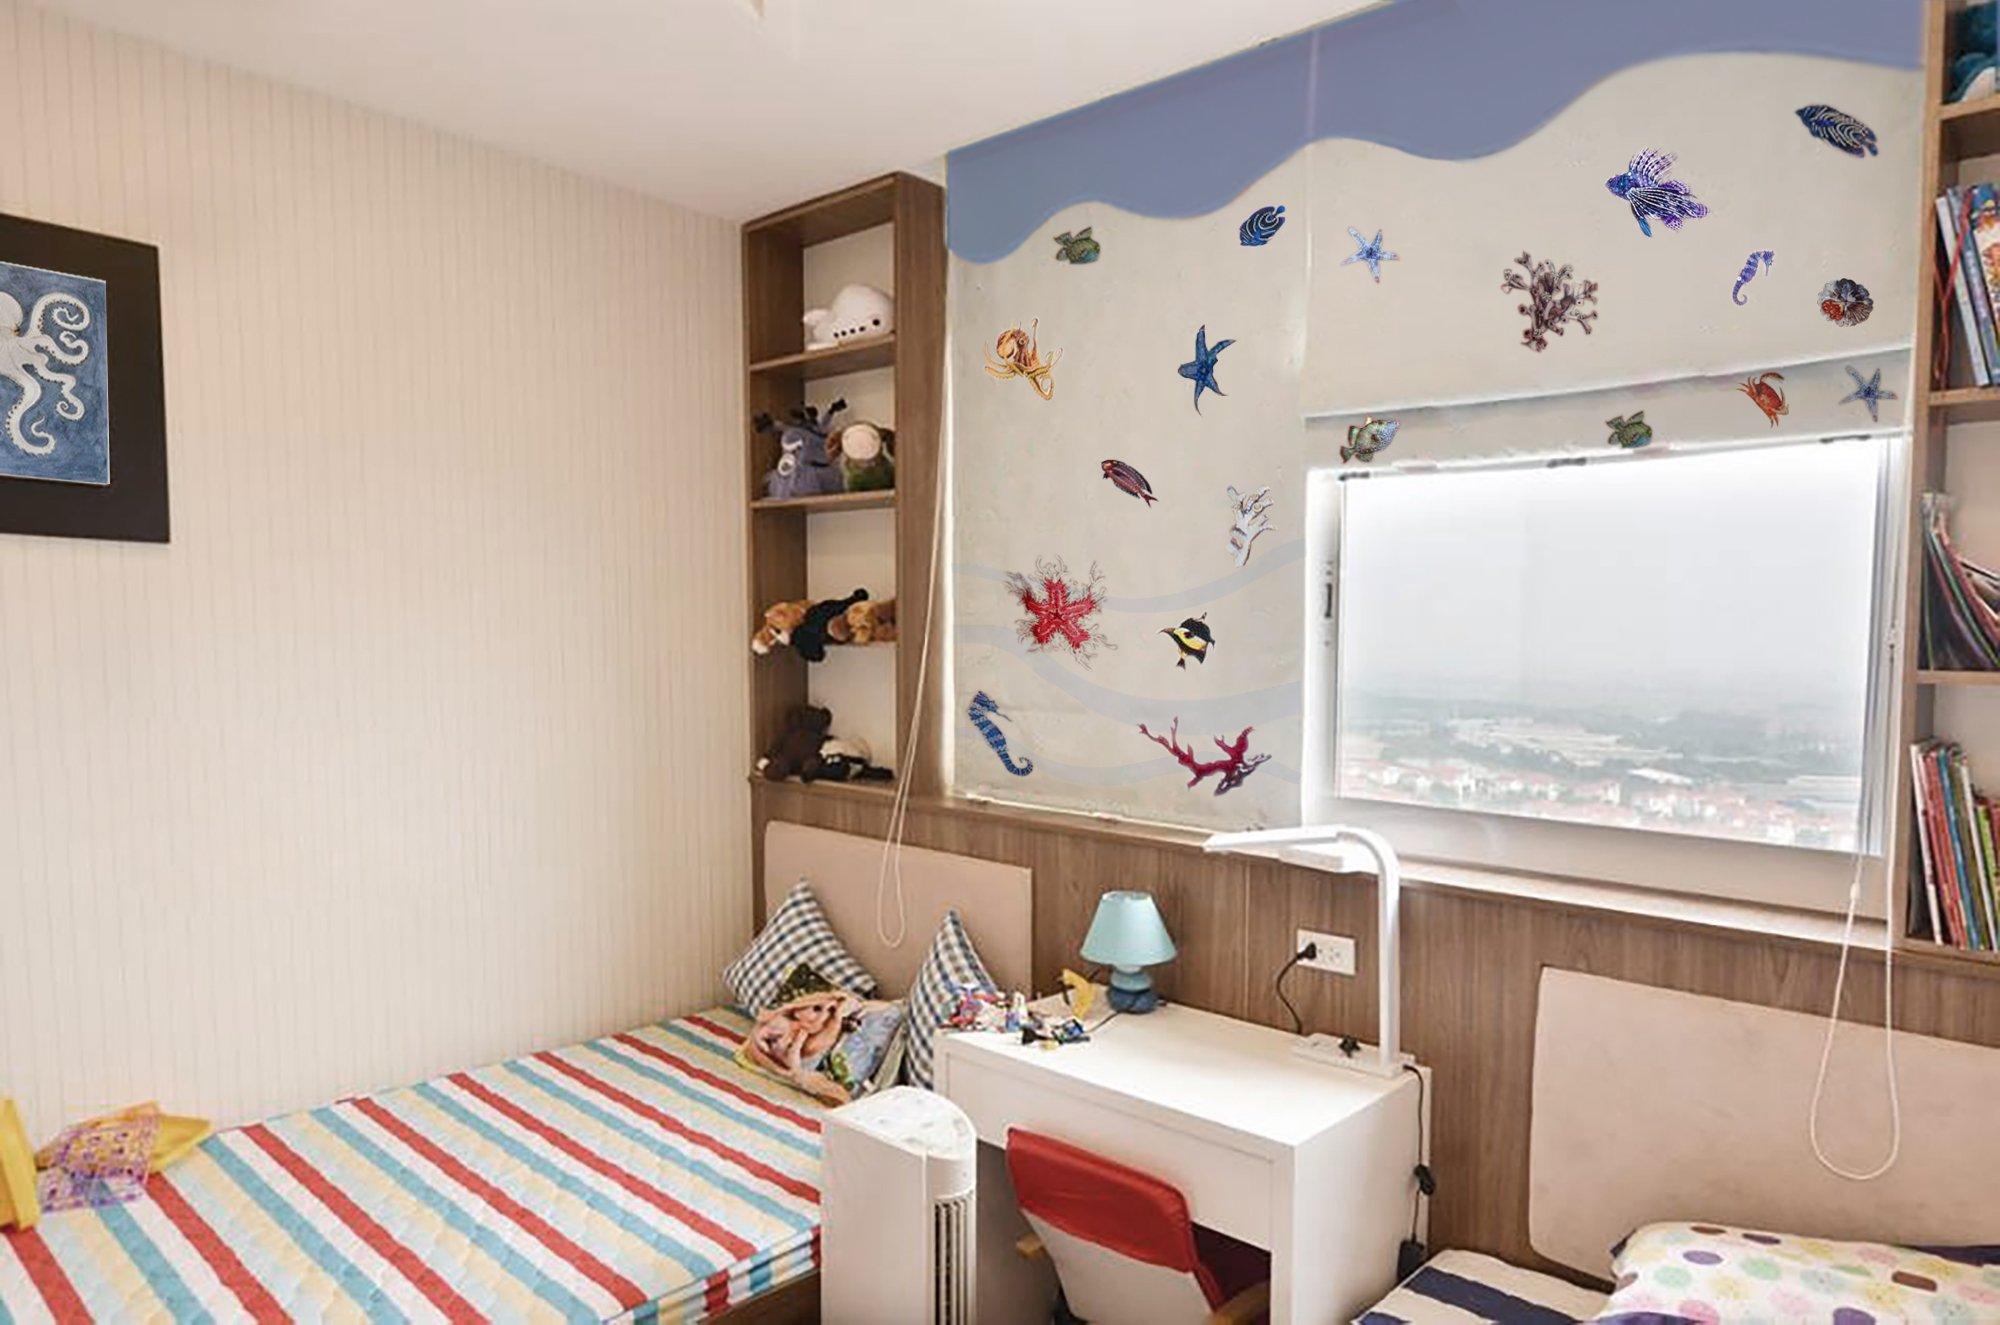 Bí quyết lựa chọn rèm phòng ngủ cao cấp Cơ Bản nhất